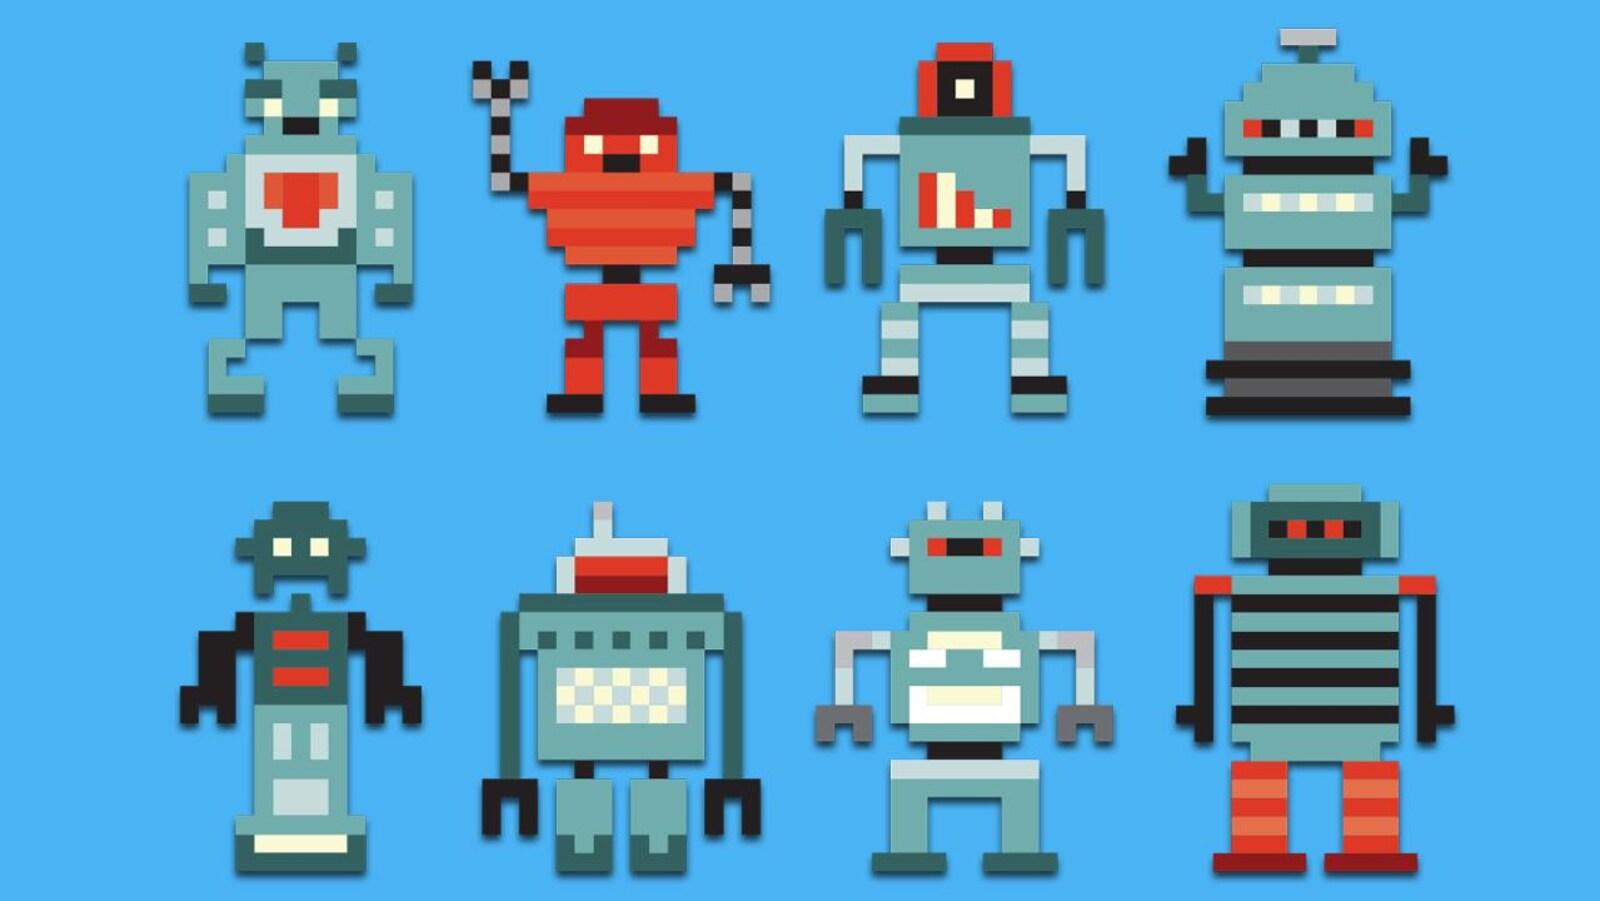 Nous voyons une illustration de huit robots style jeux vidéos.